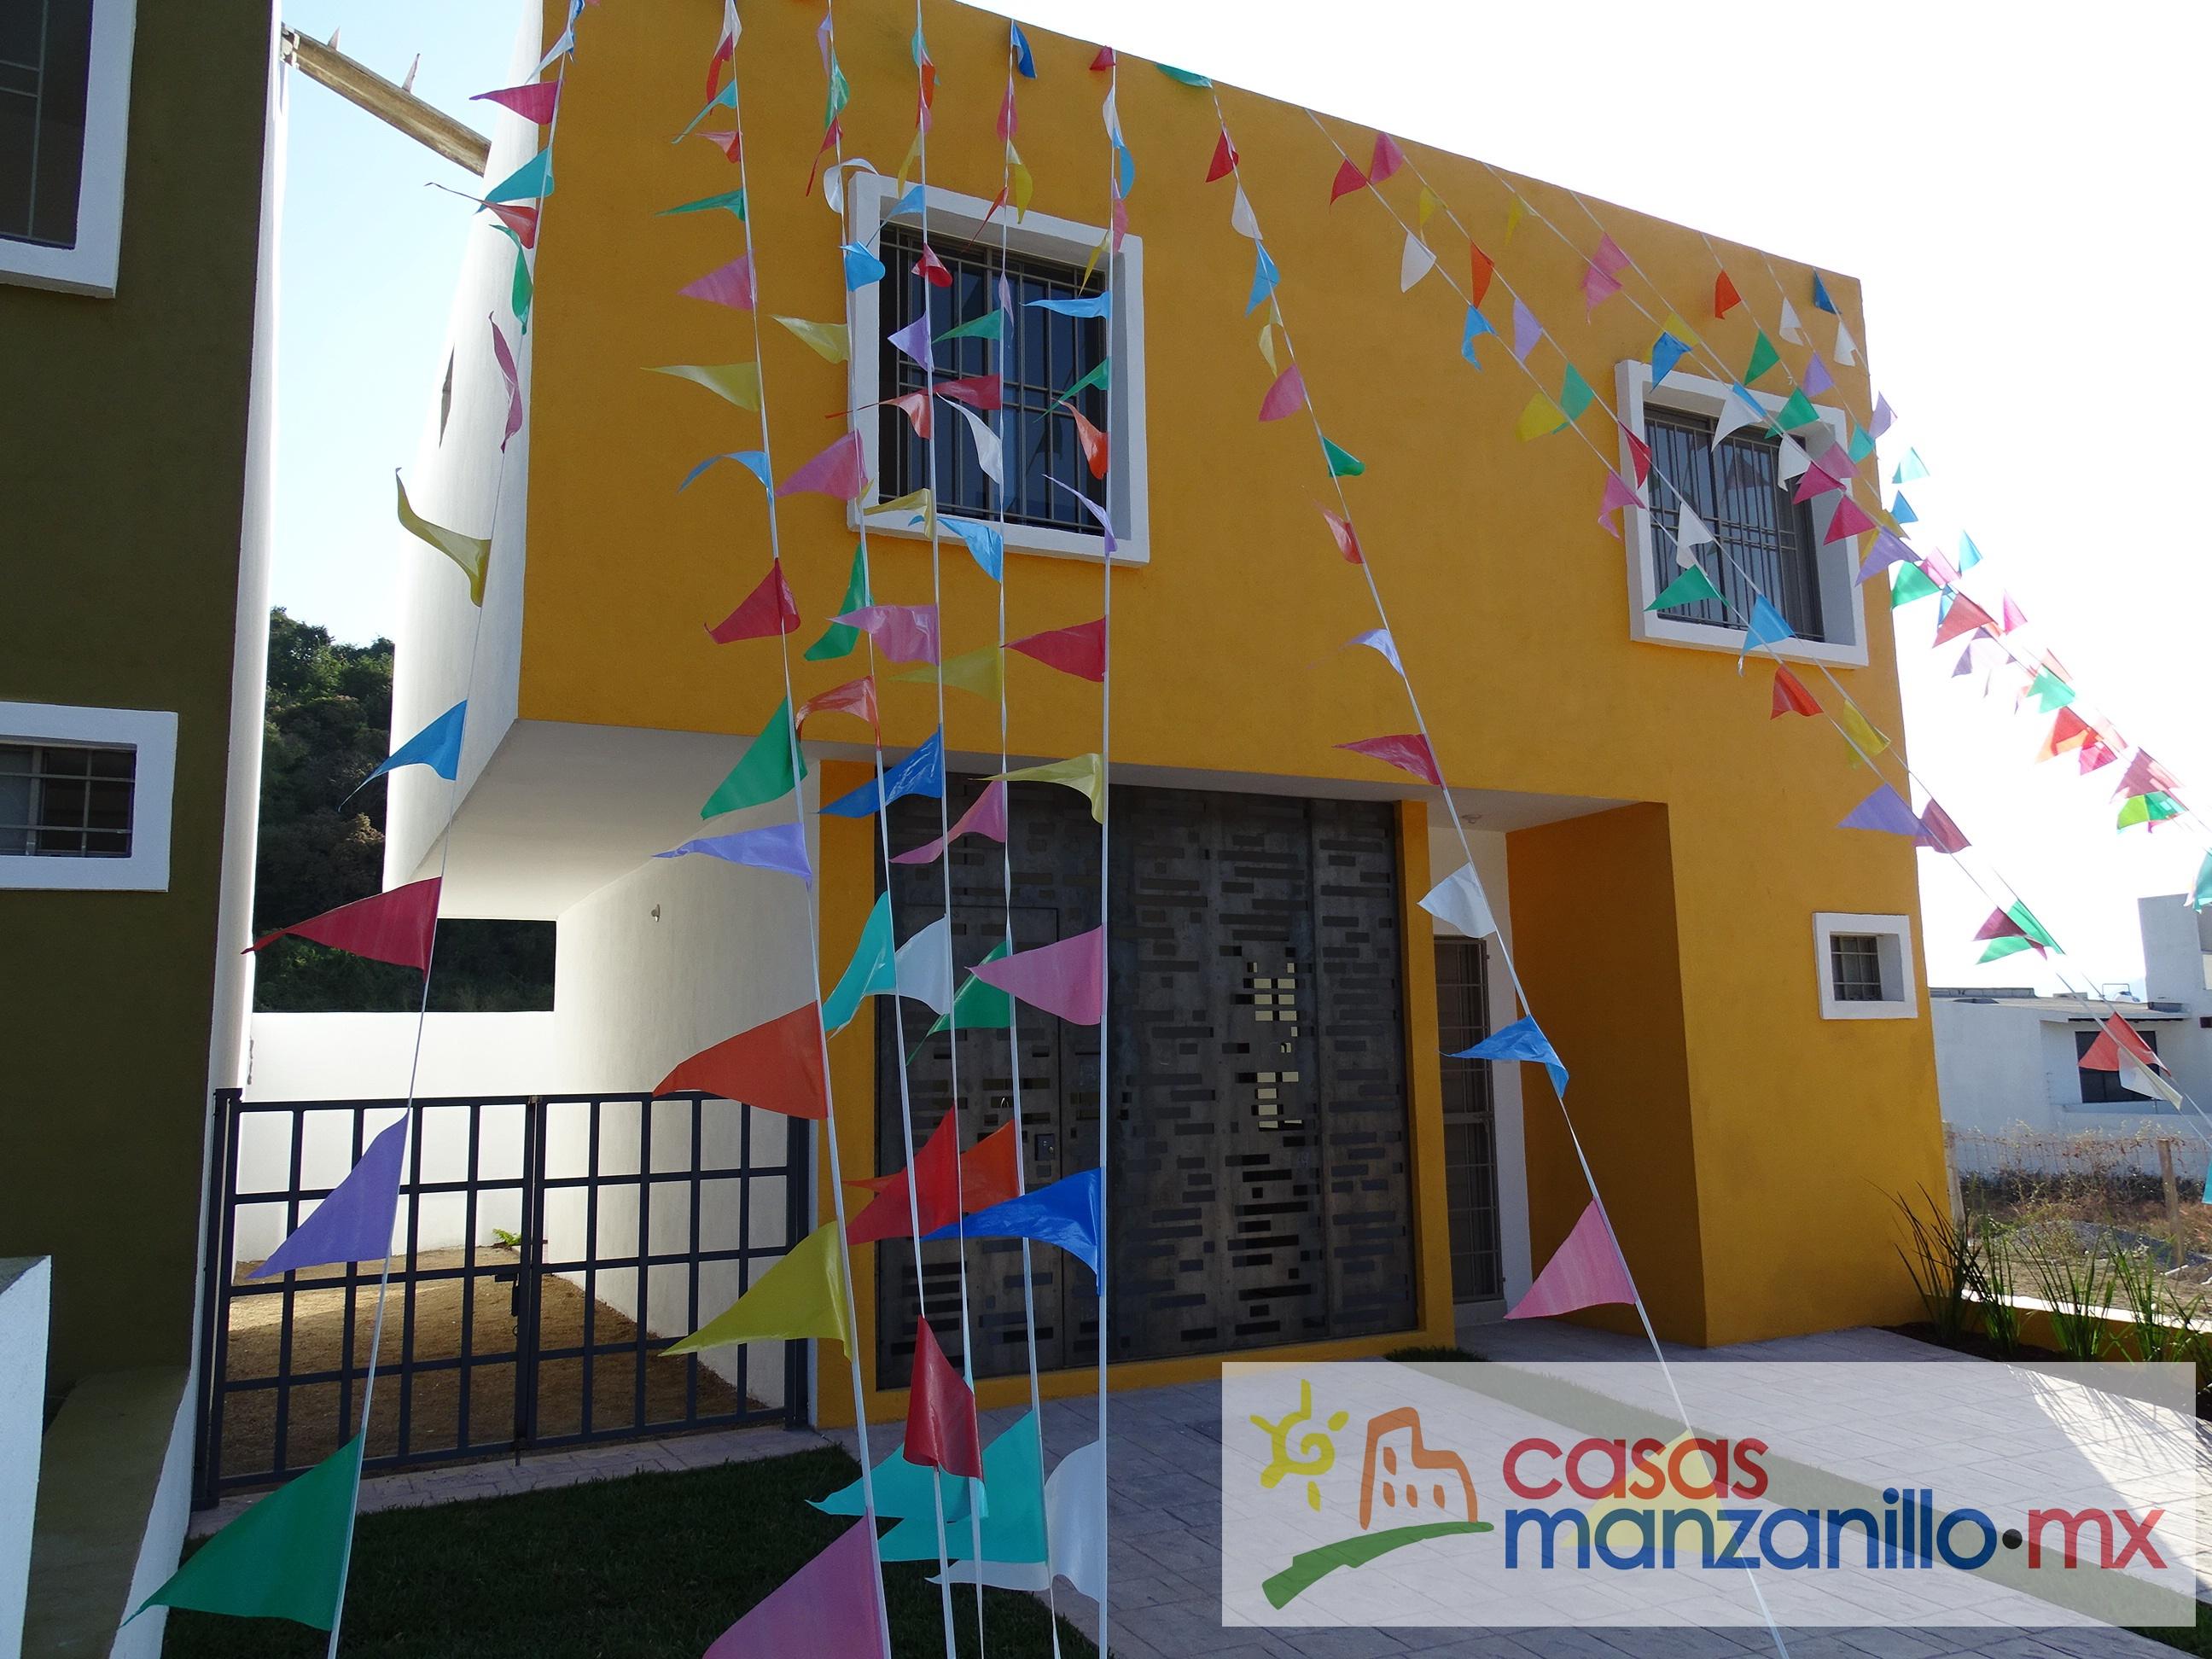 Casas Venta Manzanillo - Los Altos (3)